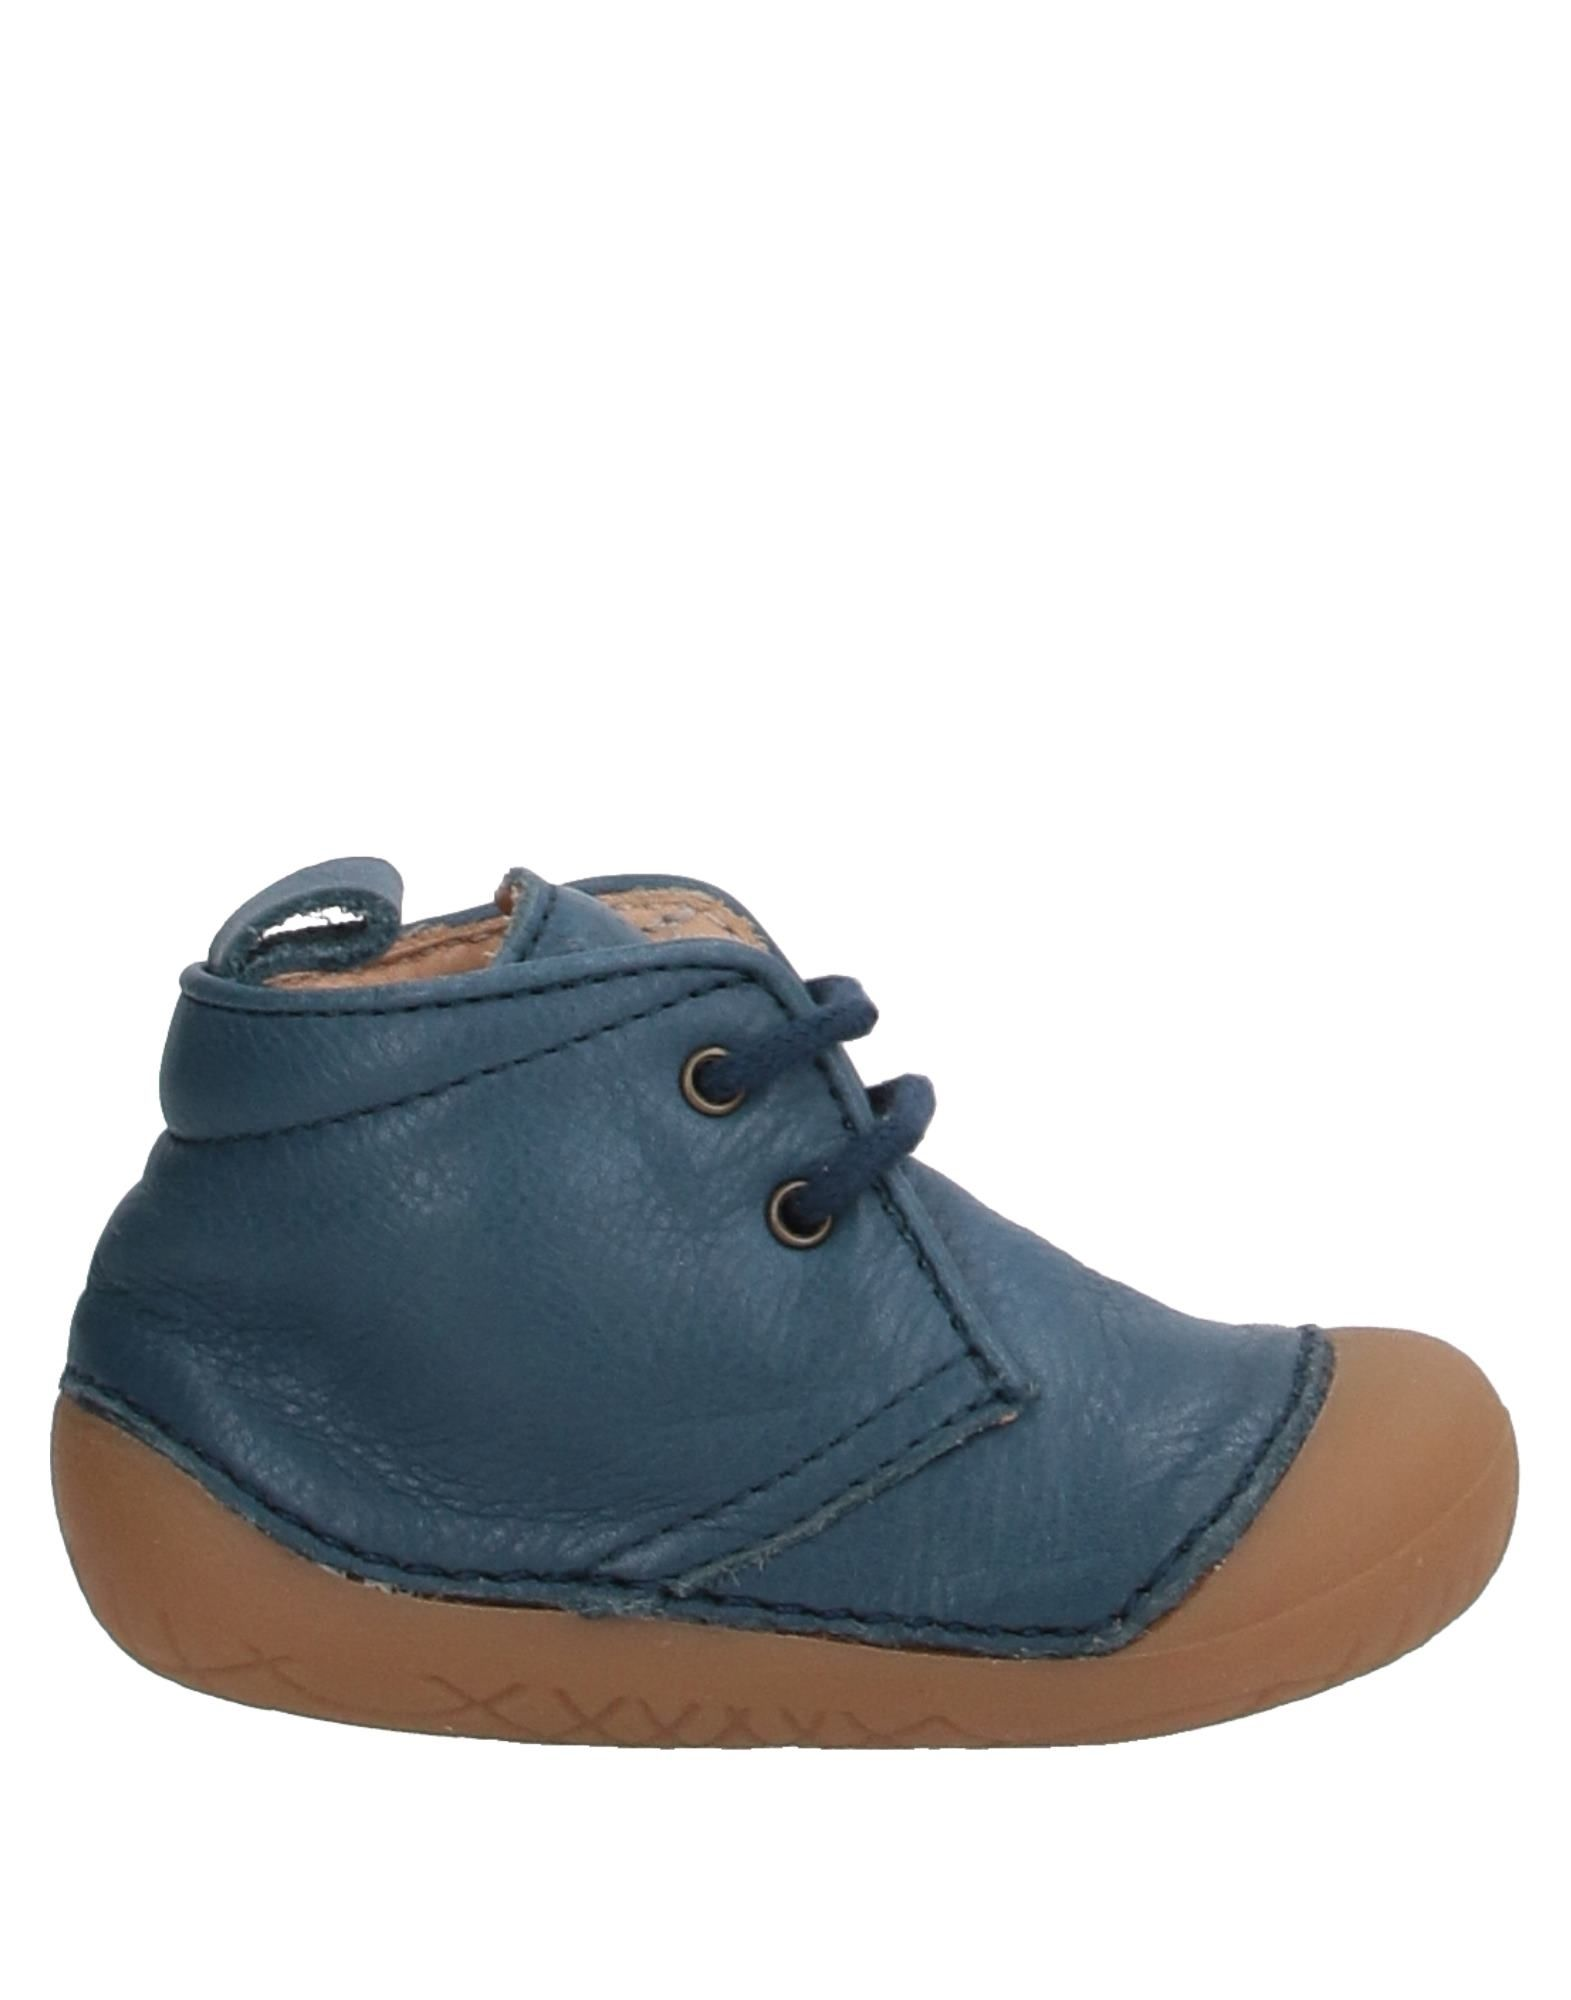 OCRA Обувь для новорожденных